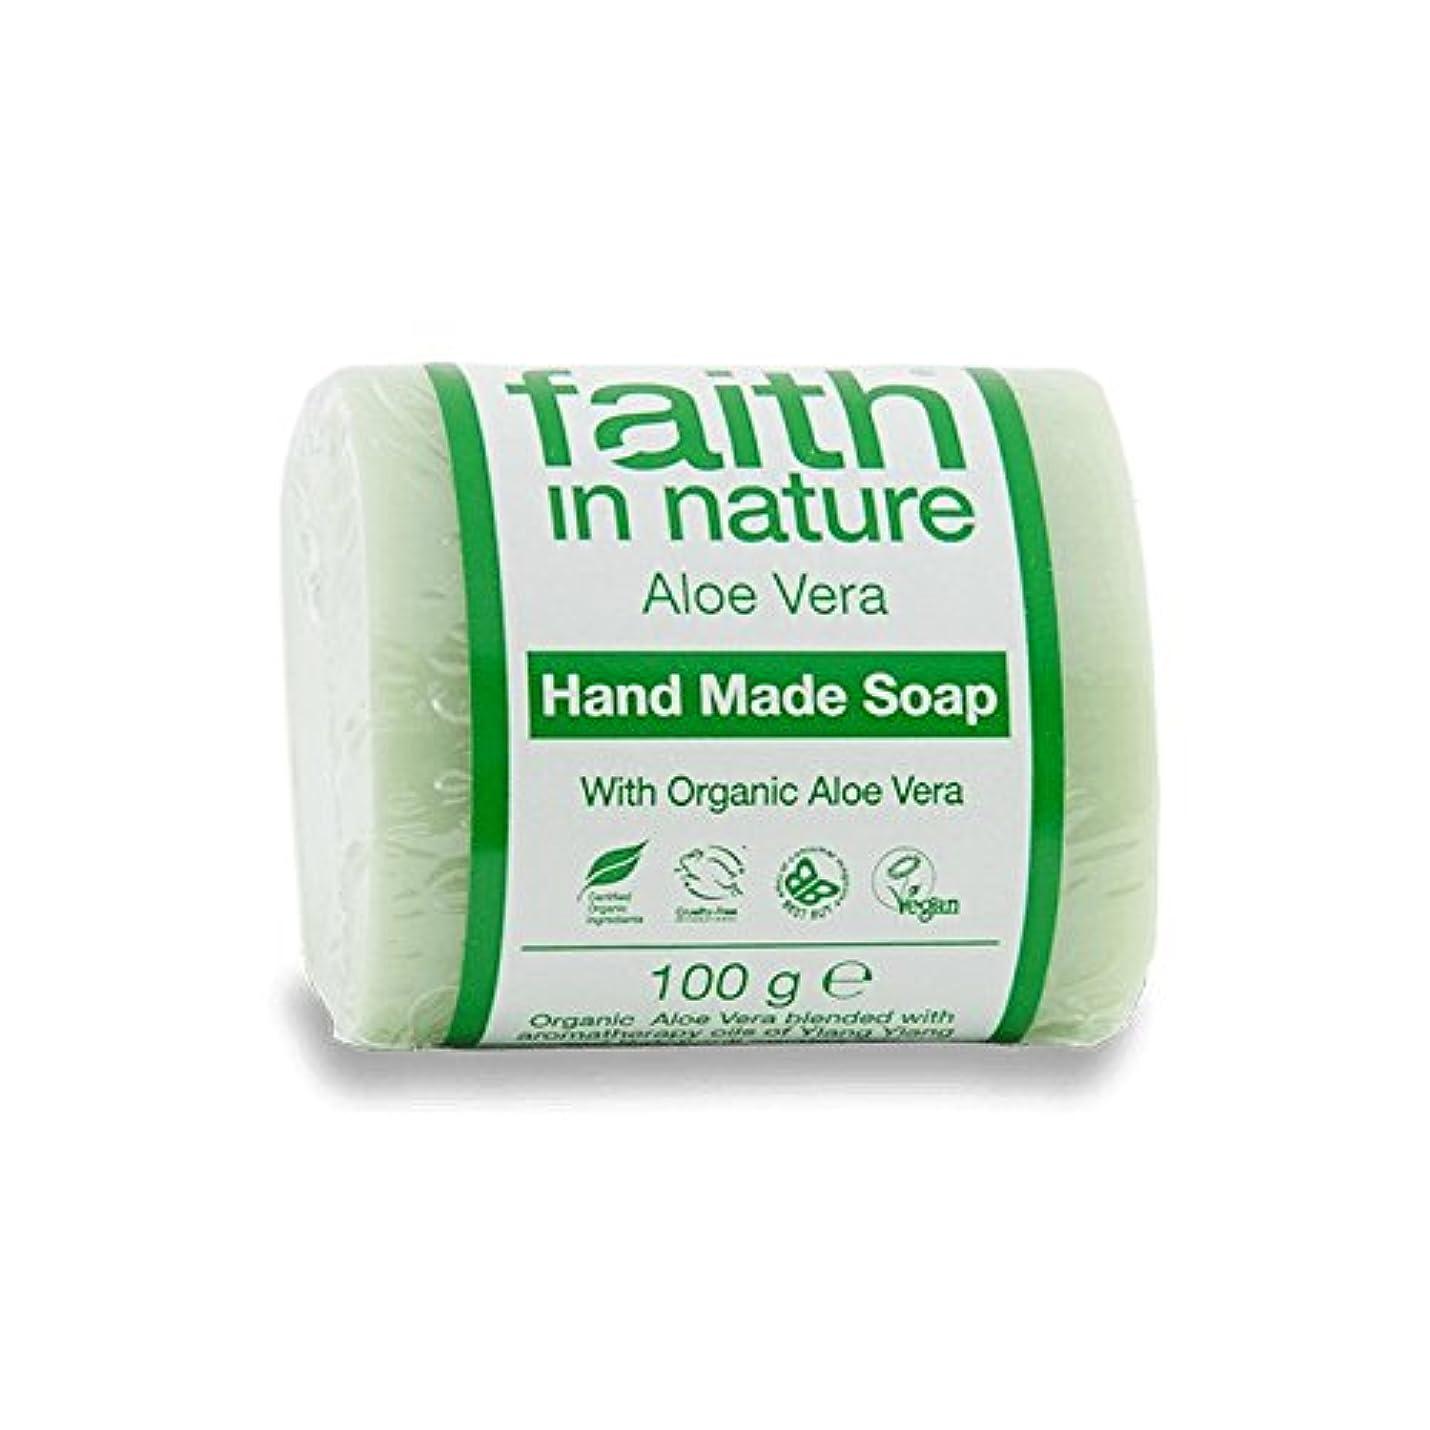 マット判読できない夜明けにFaith in Nature Aloe Vera with Ylang Ylang Soap 100g (Pack of 6) - イランイランソープ100グラムと自然のアロエベラの信仰 (x6) [並行輸入品]